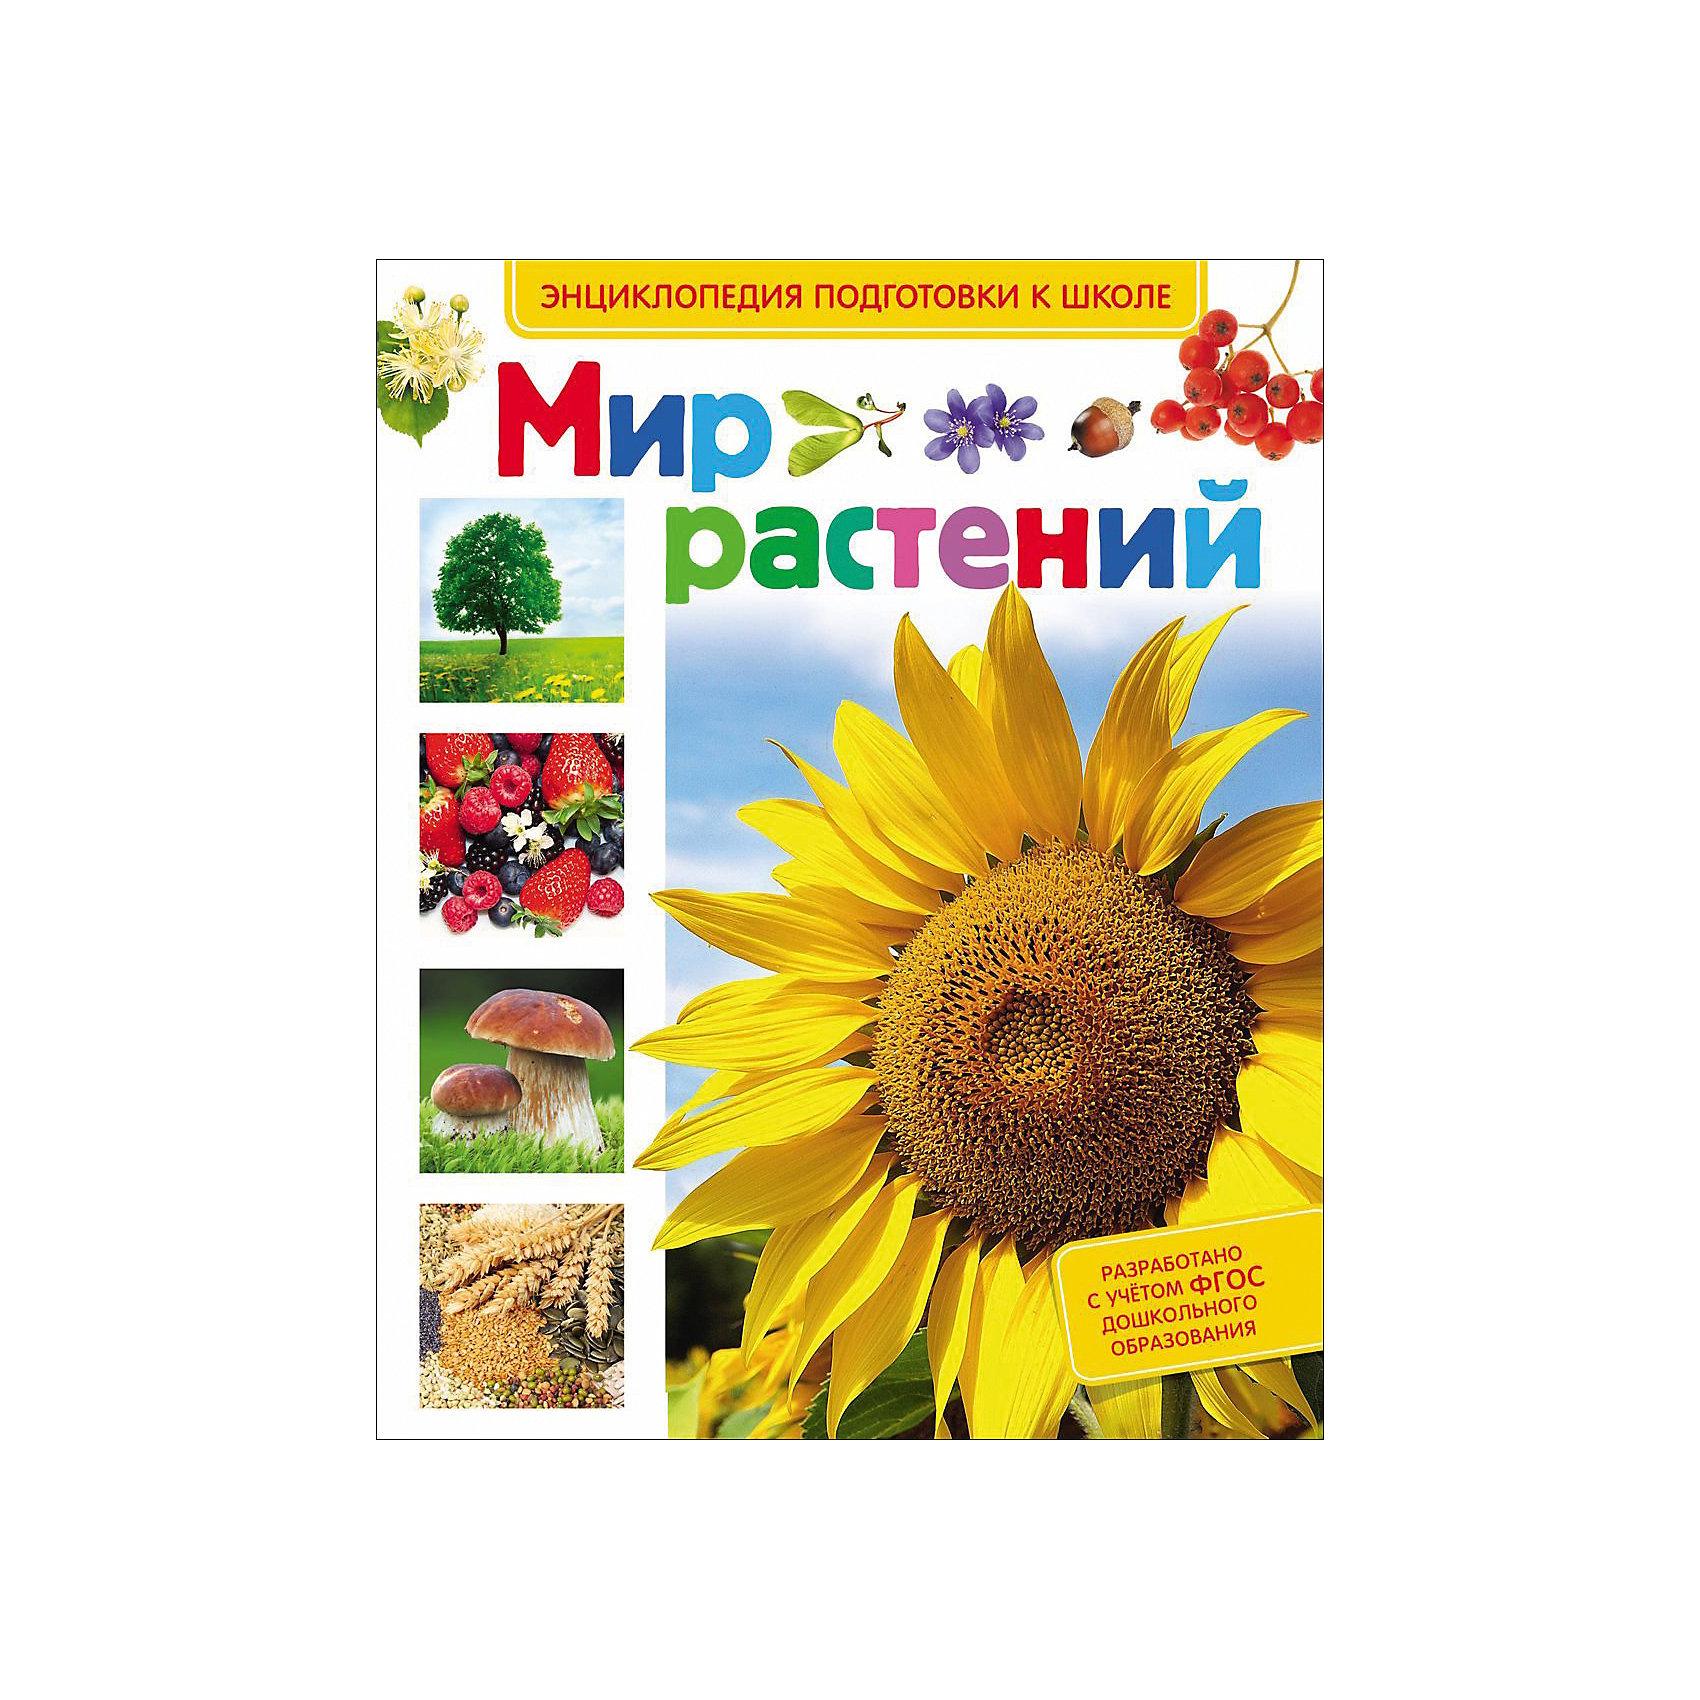 Мир растений (Энциклопедия подготовки к школе)Характеристики товара:<br><br>- цвет: разноцветный;<br>- материал: бумага;<br>- страниц: 64;<br>- формат: 20 х 29 см;<br>- обложка: твердая;<br>- цветные иллюстрации.<br><br>Эта интересная книга с иллюстрациями станет отличным подарком для ребенка. Она содержит в себе ответы на вопросы, которые интересуют малышей. Всё представлено в очень простой форме! Талантливый иллюстратор дополнил книгу качественными рисунками, которые помогают ребенку понять суть многих вещей в нашем мире. Удивительные и интересные факты помогут привить любовь к учебе!<br>Чтение - отличный способ активизации мышления, оно помогает ребенку развивать зрительную память, концентрацию внимания и воображение. Издание произведено из качественных материалов, которые безопасны даже для самых маленьких.<br><br>Книгу Мир растений (Энциклопедия подготовки к школе) от компании Росмэн можно купить в нашем интернет-магазине.<br><br>Ширина мм: 265<br>Глубина мм: 205<br>Высота мм: 10<br>Вес г: 368<br>Возраст от месяцев: 60<br>Возраст до месяцев: 84<br>Пол: Унисекс<br>Возраст: Детский<br>SKU: 5110016